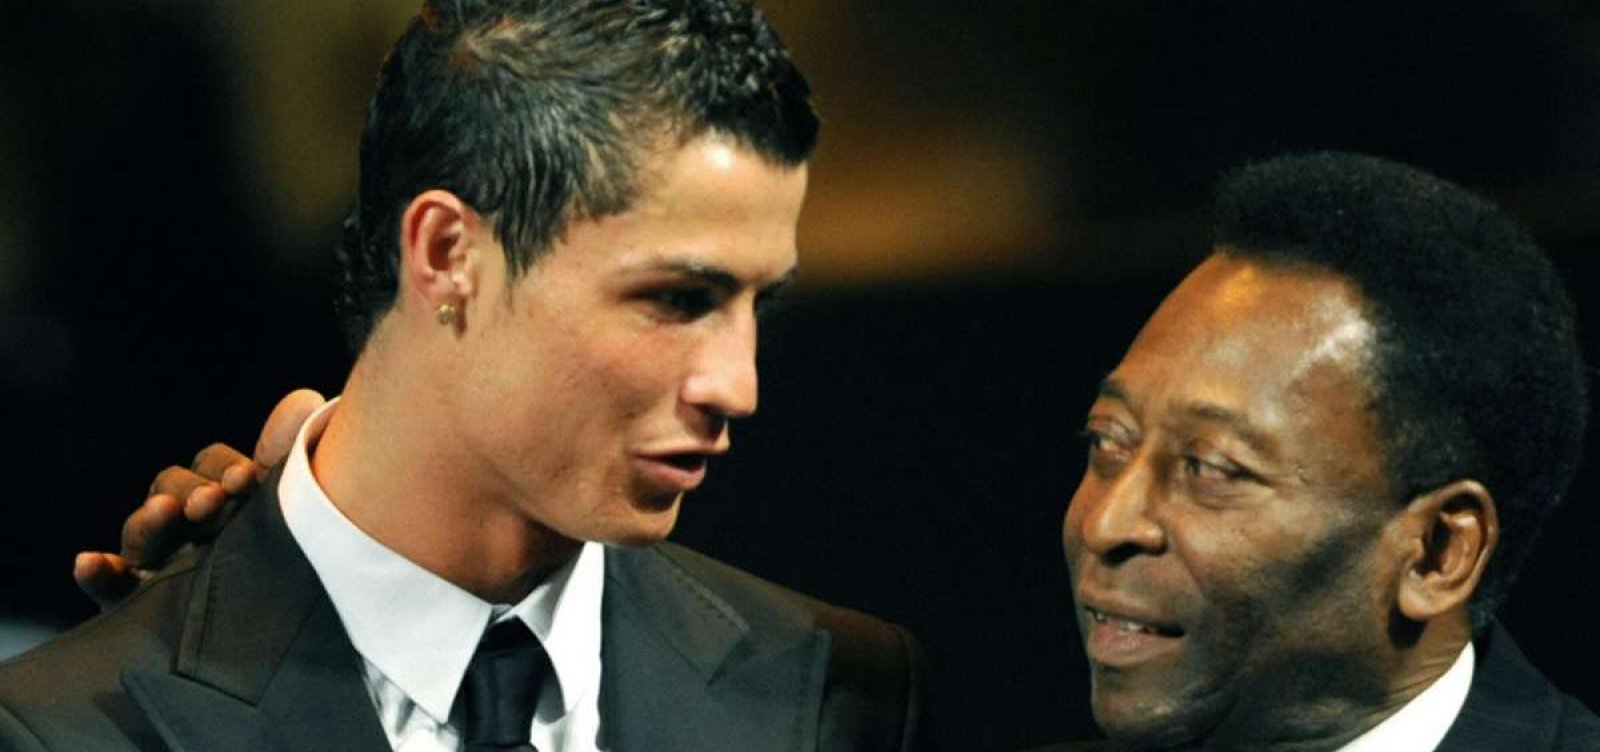 [Cristiano Ronaldo iguala Pelé e se torna o segundo maior goleador da história do futebol]